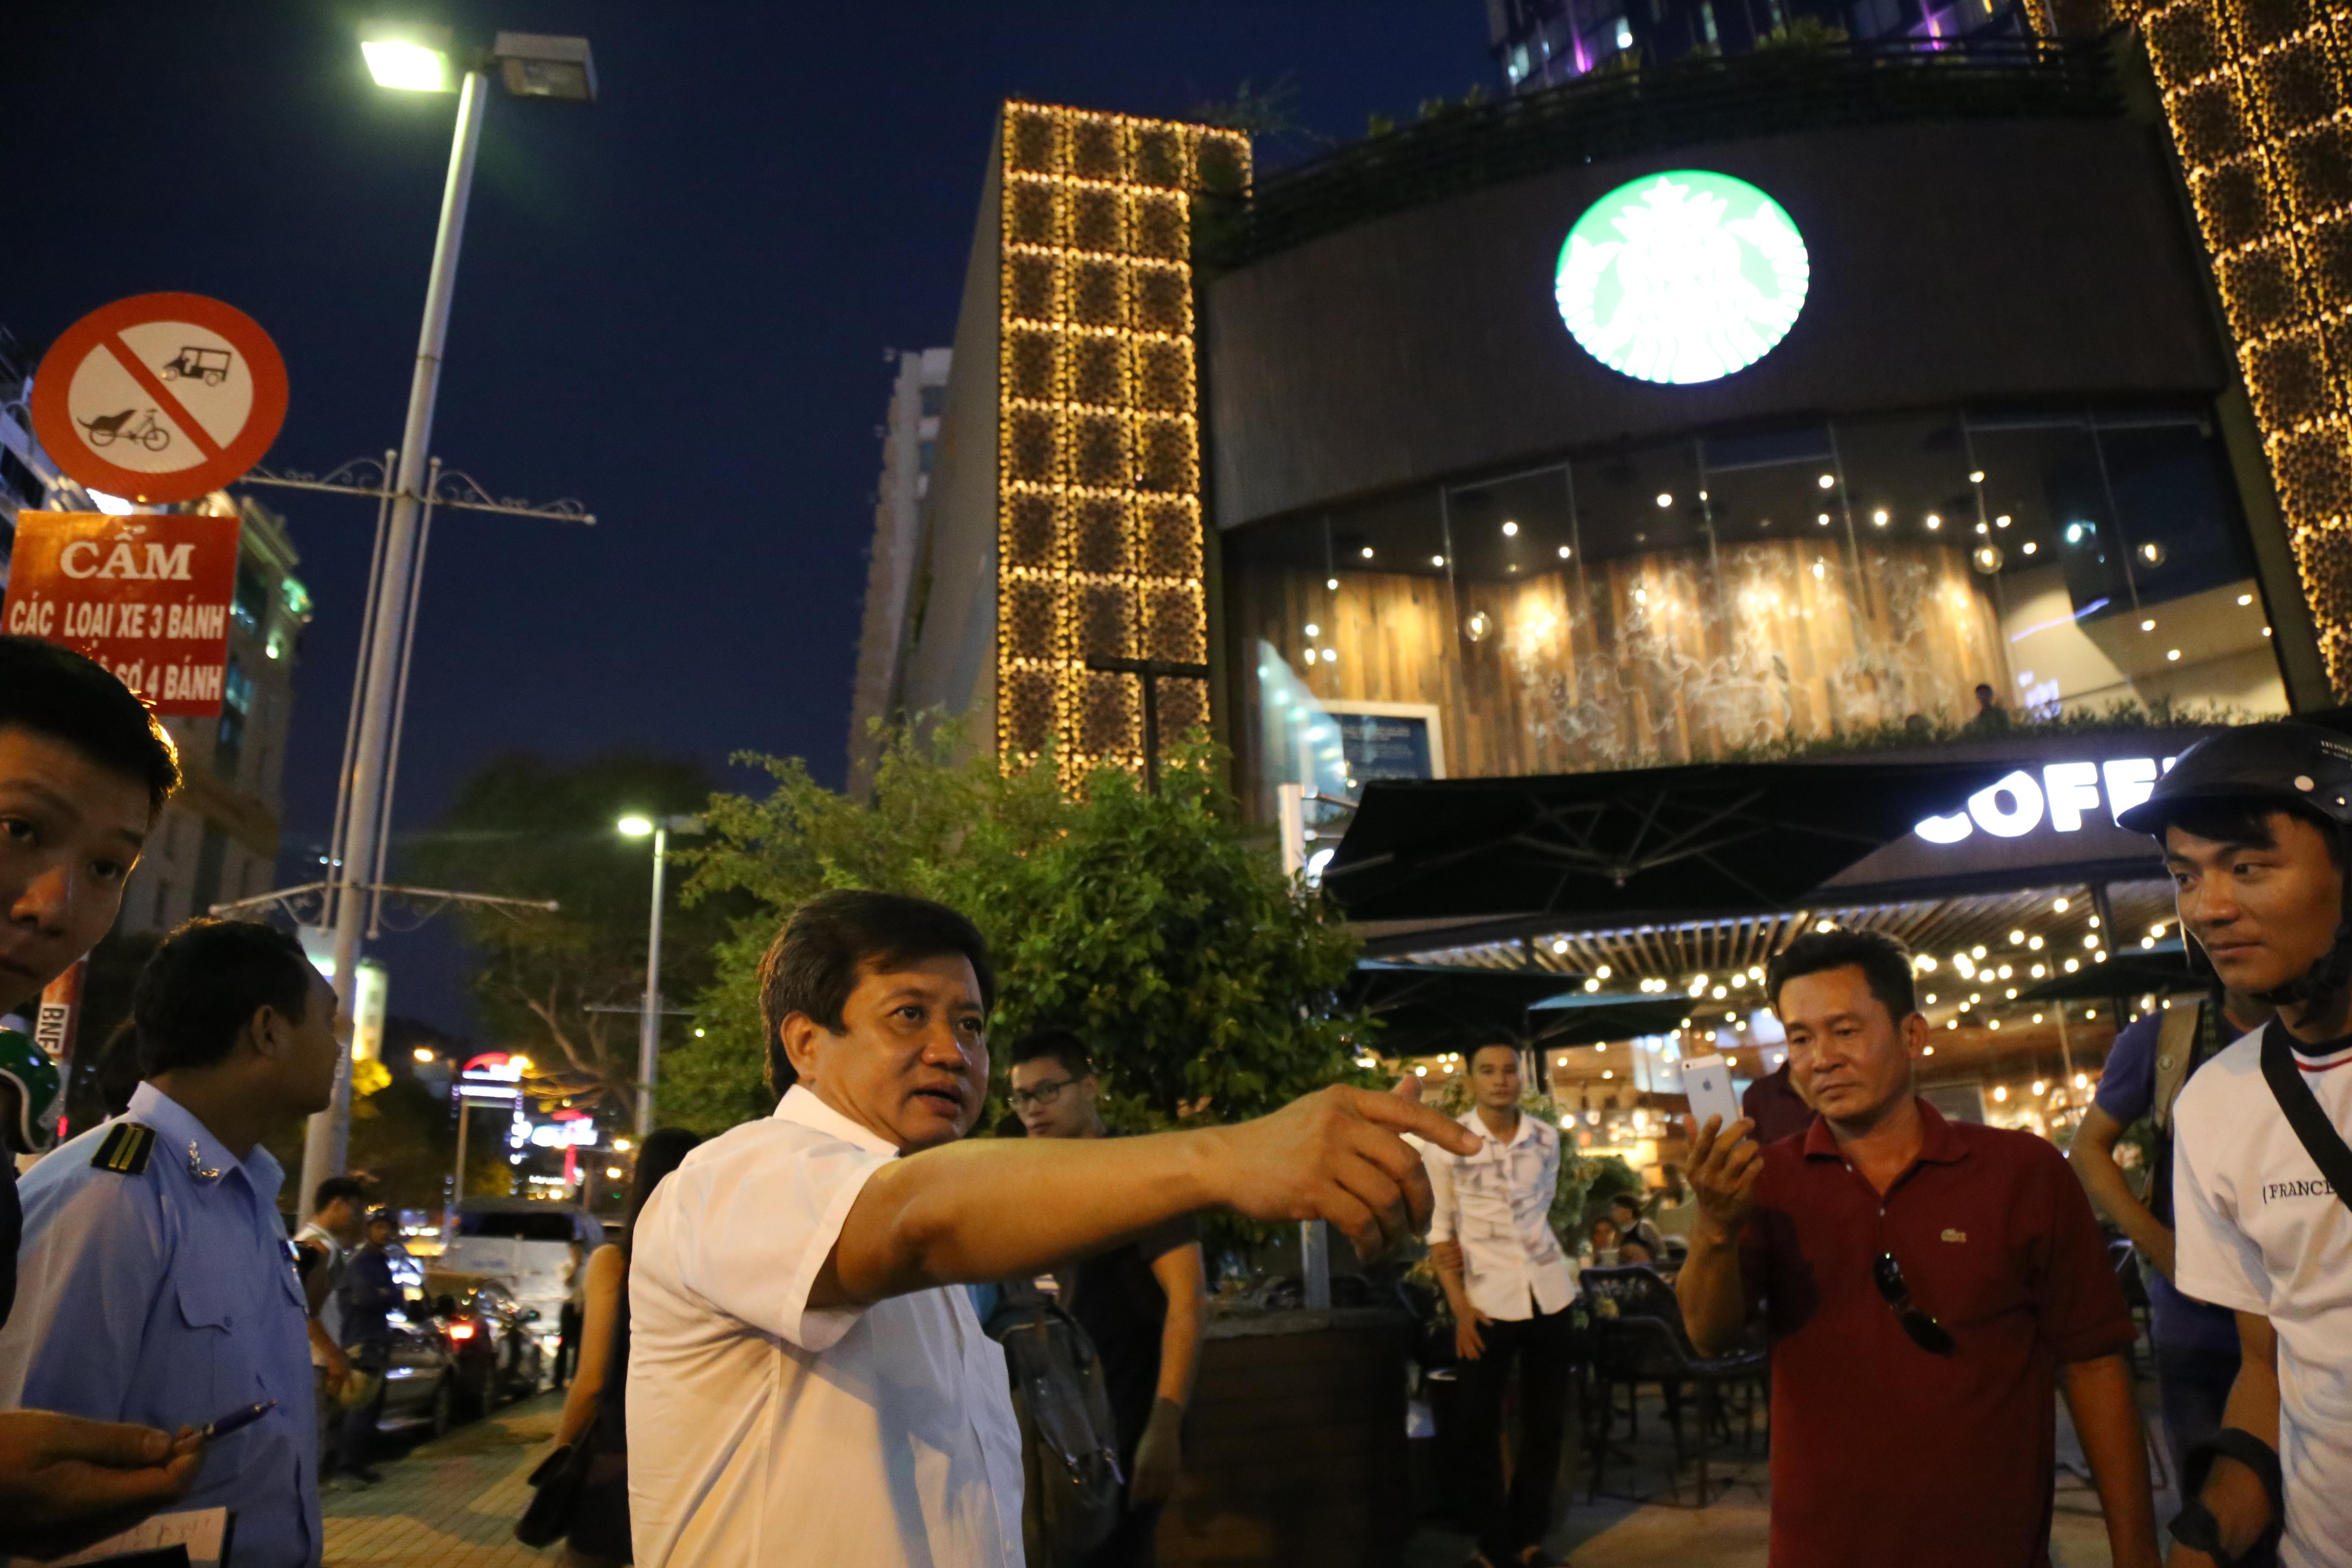 Quán café Starbucks ở ngã 6 Phù Đổng, Sài Gòn bị phá bỏ khu bồn hoa, bậc thềm vì lấn chiếm vỉa hè - Ảnh 2.